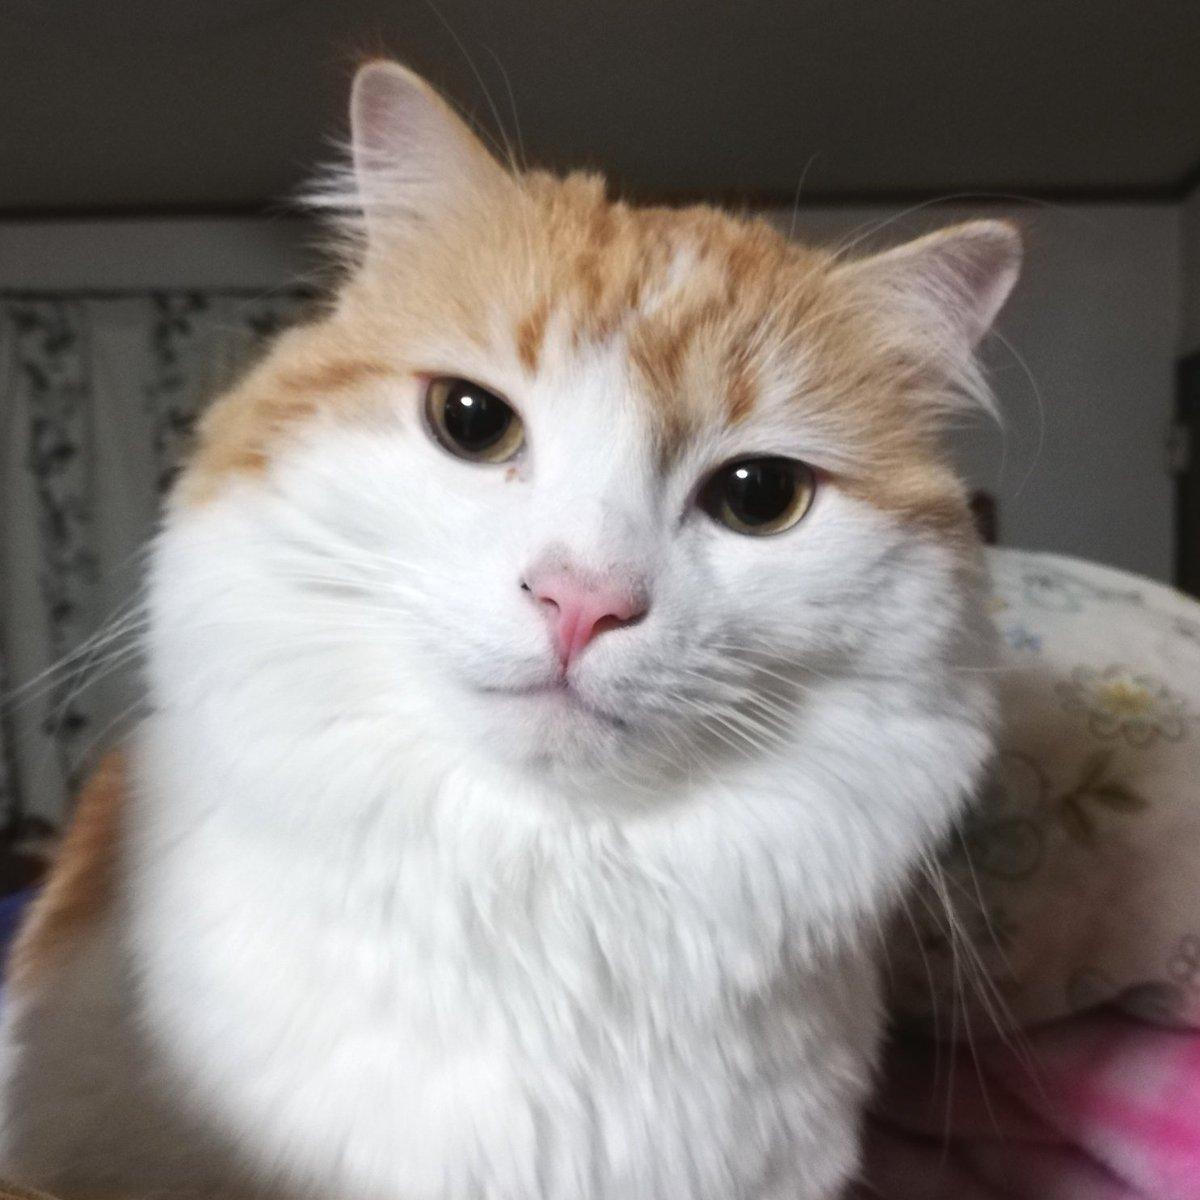 test ツイッターメディア - #猫の日   我が家の愛猫ロンくんです🐈 とても可愛い。  3.4枚目はこの間注文した越乃雪本舗大和屋さまの琥珀糖です🐈 かわいすぎました…🤦♀️こんな絵が描きたい。 (写真技術が無なので公式hpの画像です) https://t.co/Wv2fodSfK7